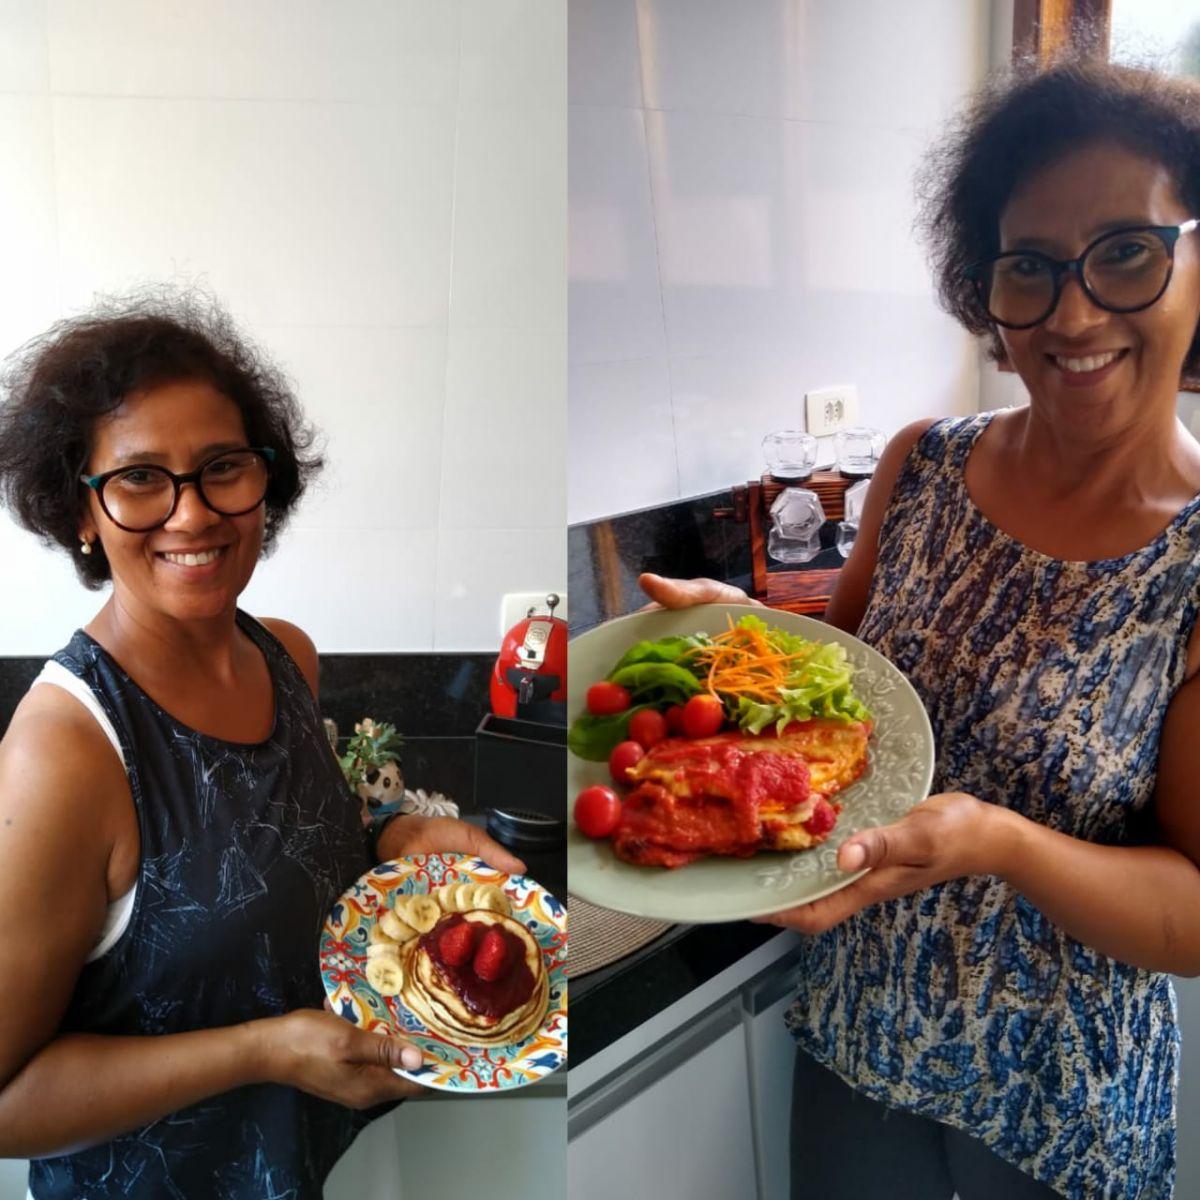 FONTE: Erinalva Domingues incluiu frutas e geleia de ameixa no seu café da manhã, além de preparar um molho de tomate caseiro para seu almoço, com frango e salada/CRÉDITOS: Isabelli Domingues